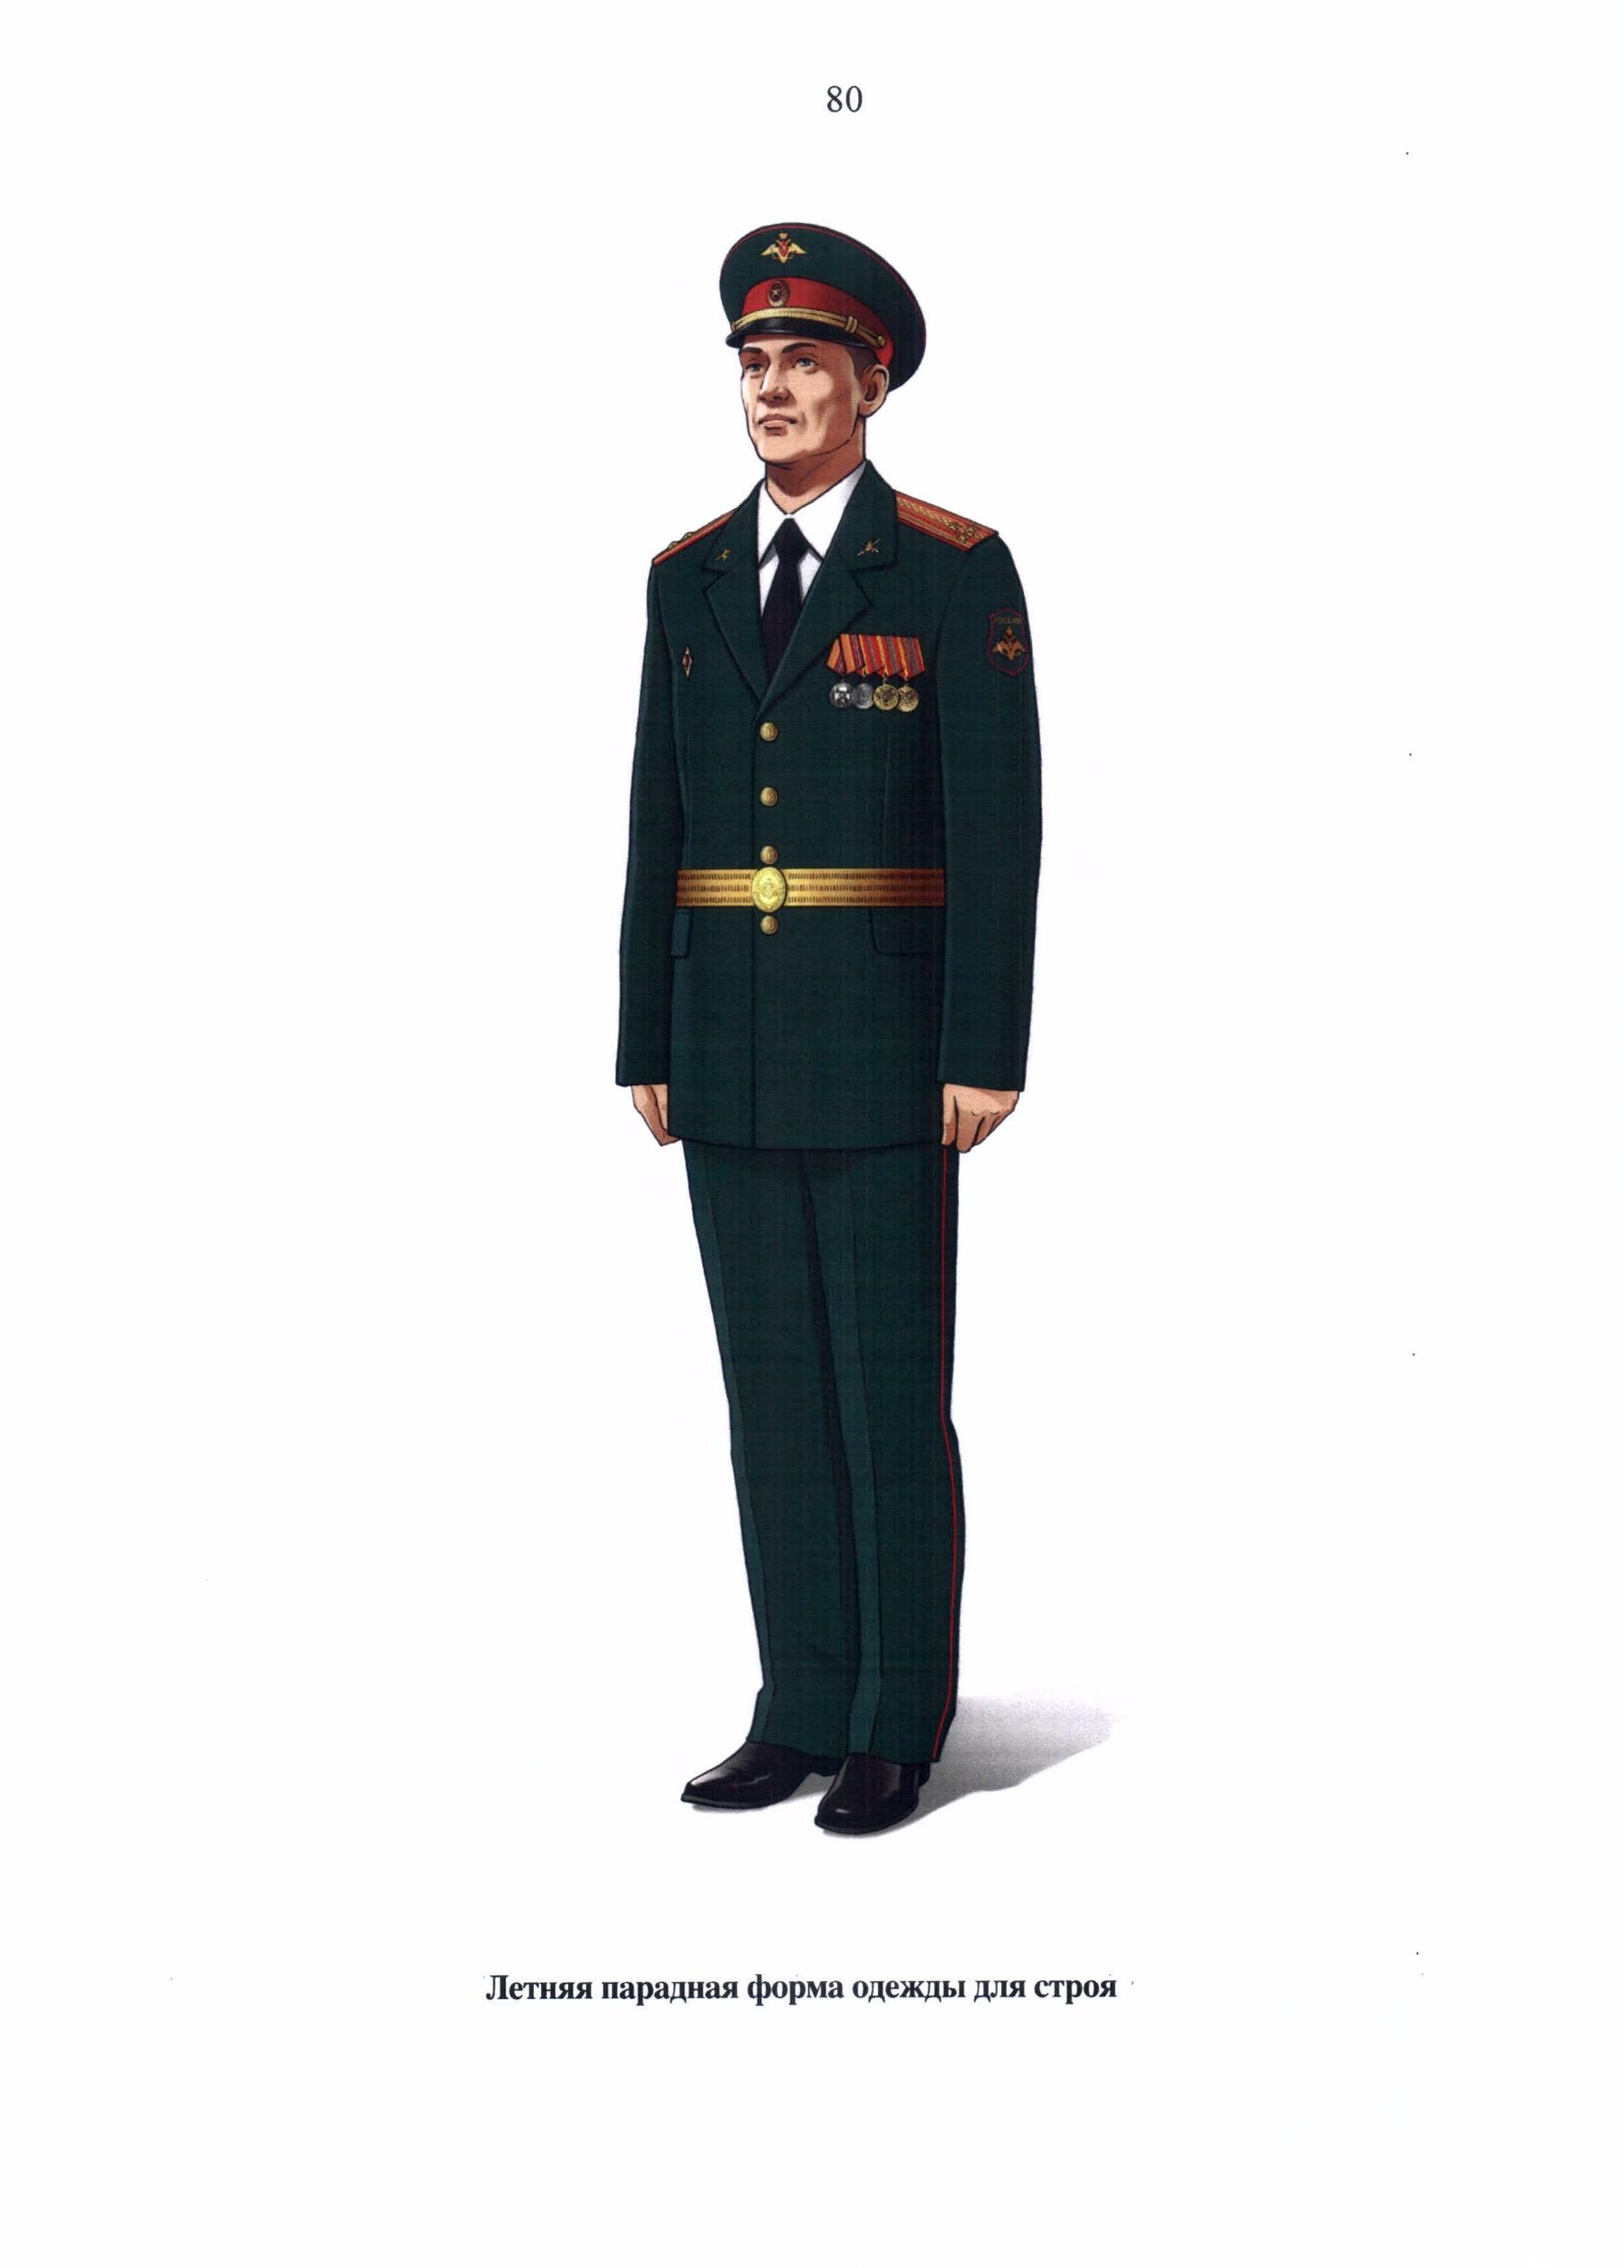 C:\Users\User\Desktop\Приказ МО РФ от 22.06.2015 г. № 300 Правила ношения военной формы одежды\180006.JPG